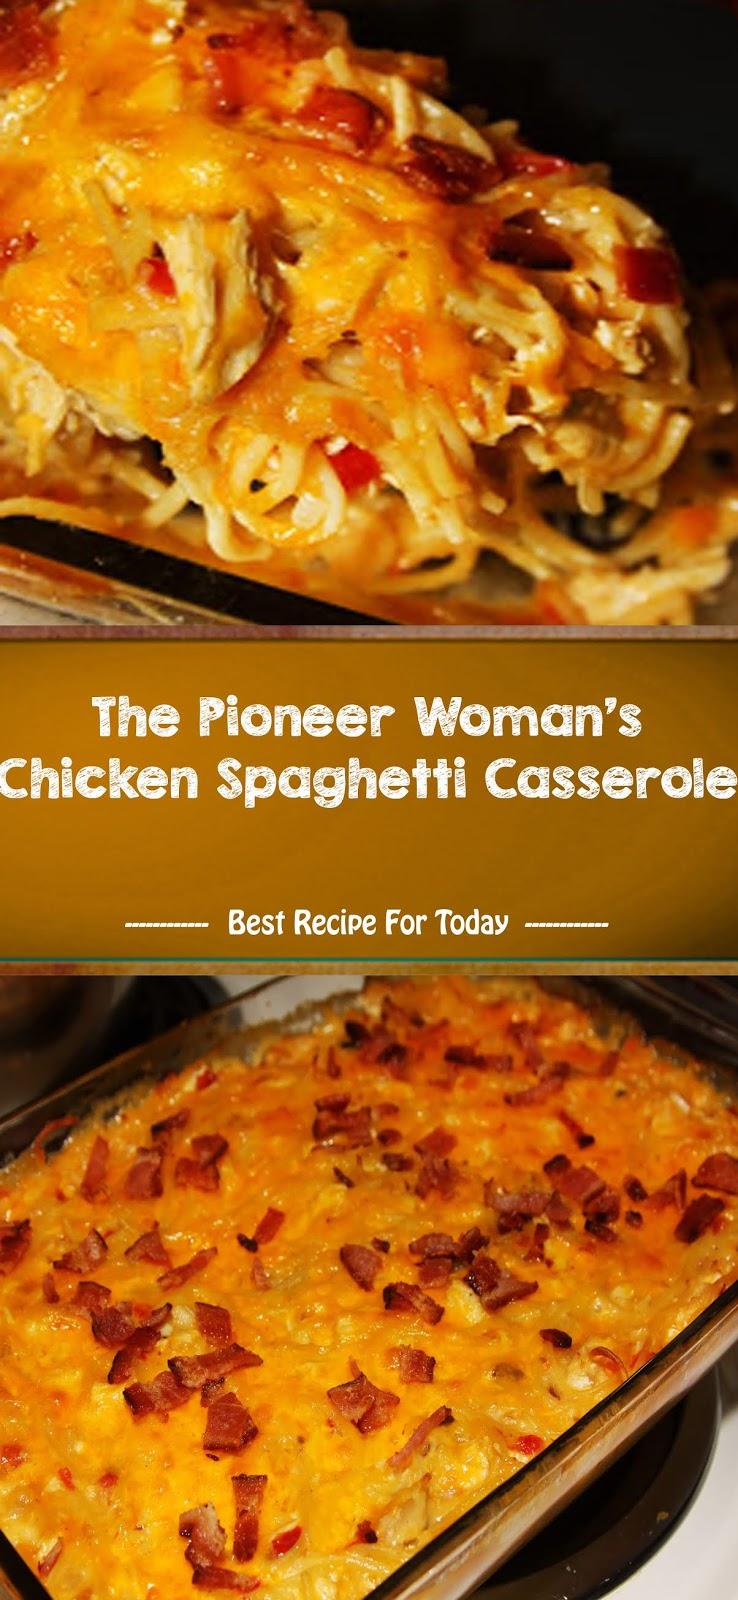 The Pioneer Woman's Chicken Spaghetti Casserole   Healthyrecipes-04